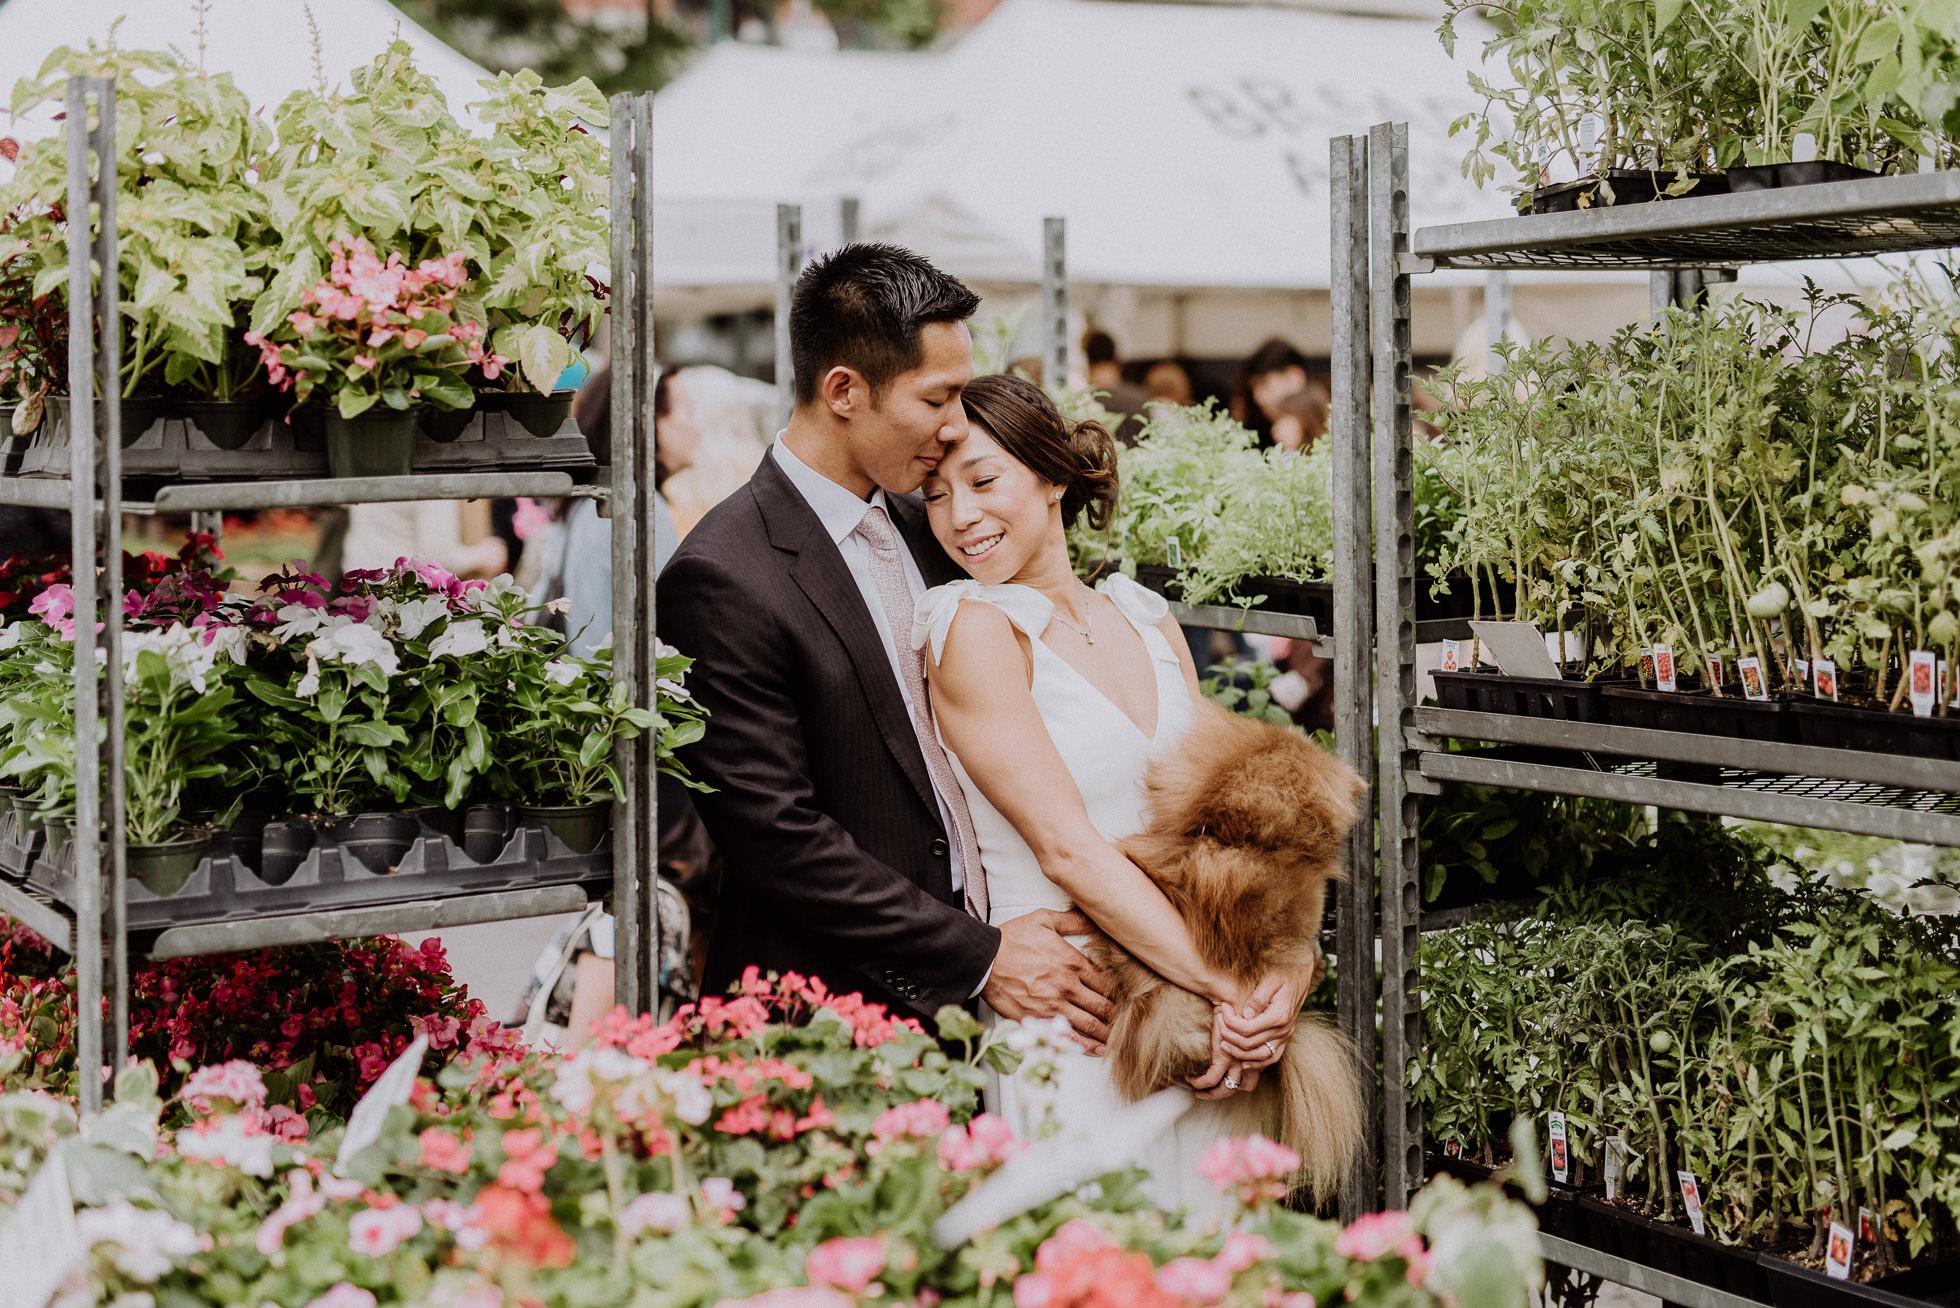 candid wedding photographers NYC